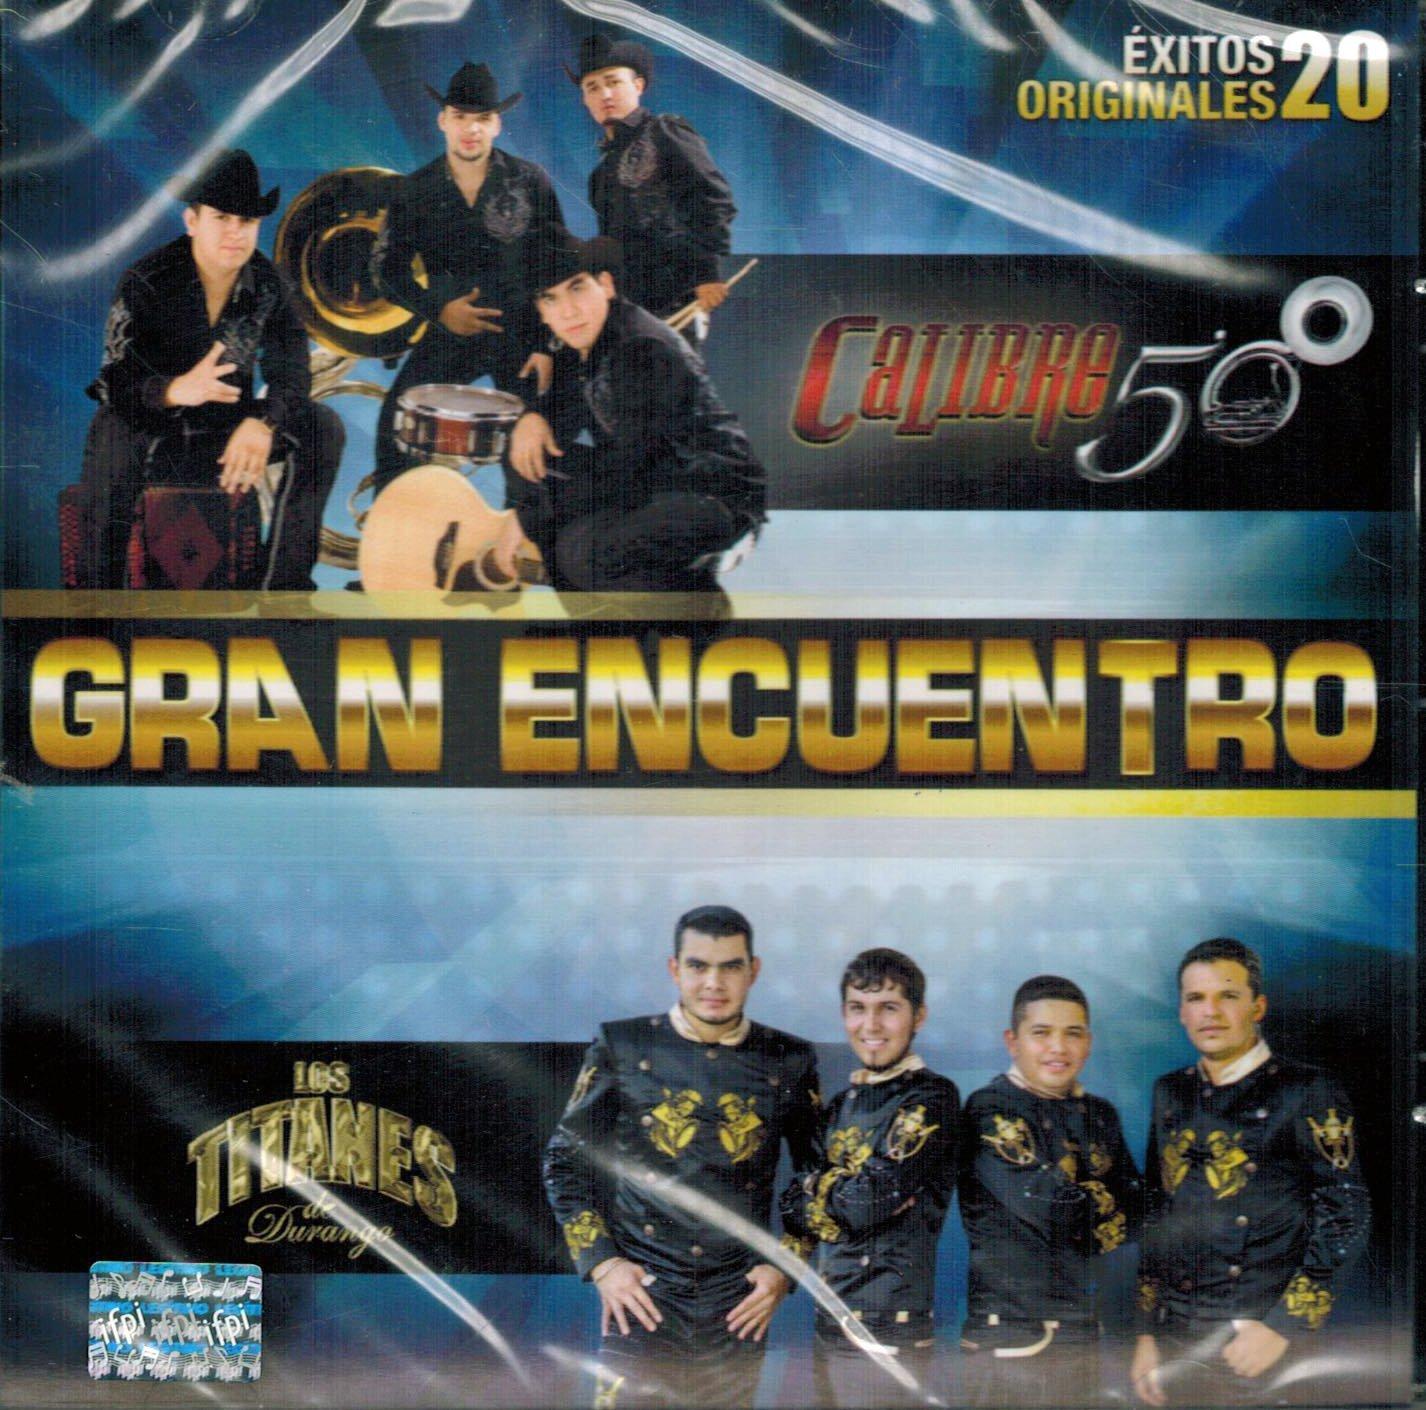 Calibre 50 - Los Titanes de Durango (Gran Encuentro 20 Exitos Originales Disa-563533)